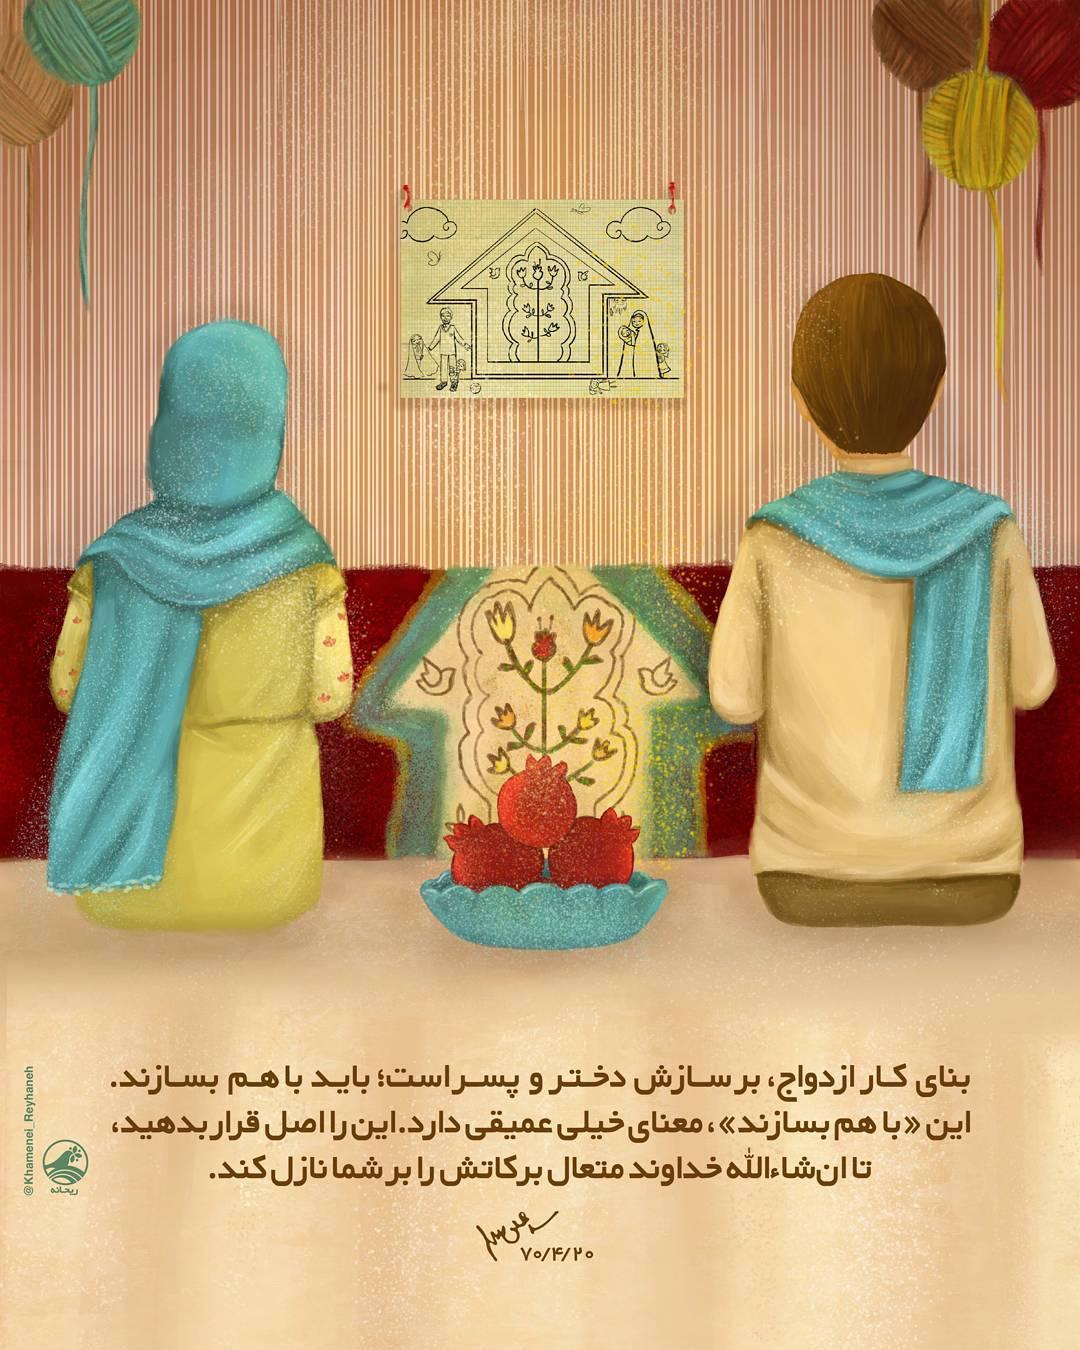 طرح بنای کار ازدواج،برسازش دختر و پسر است.jpg (1080×1350)